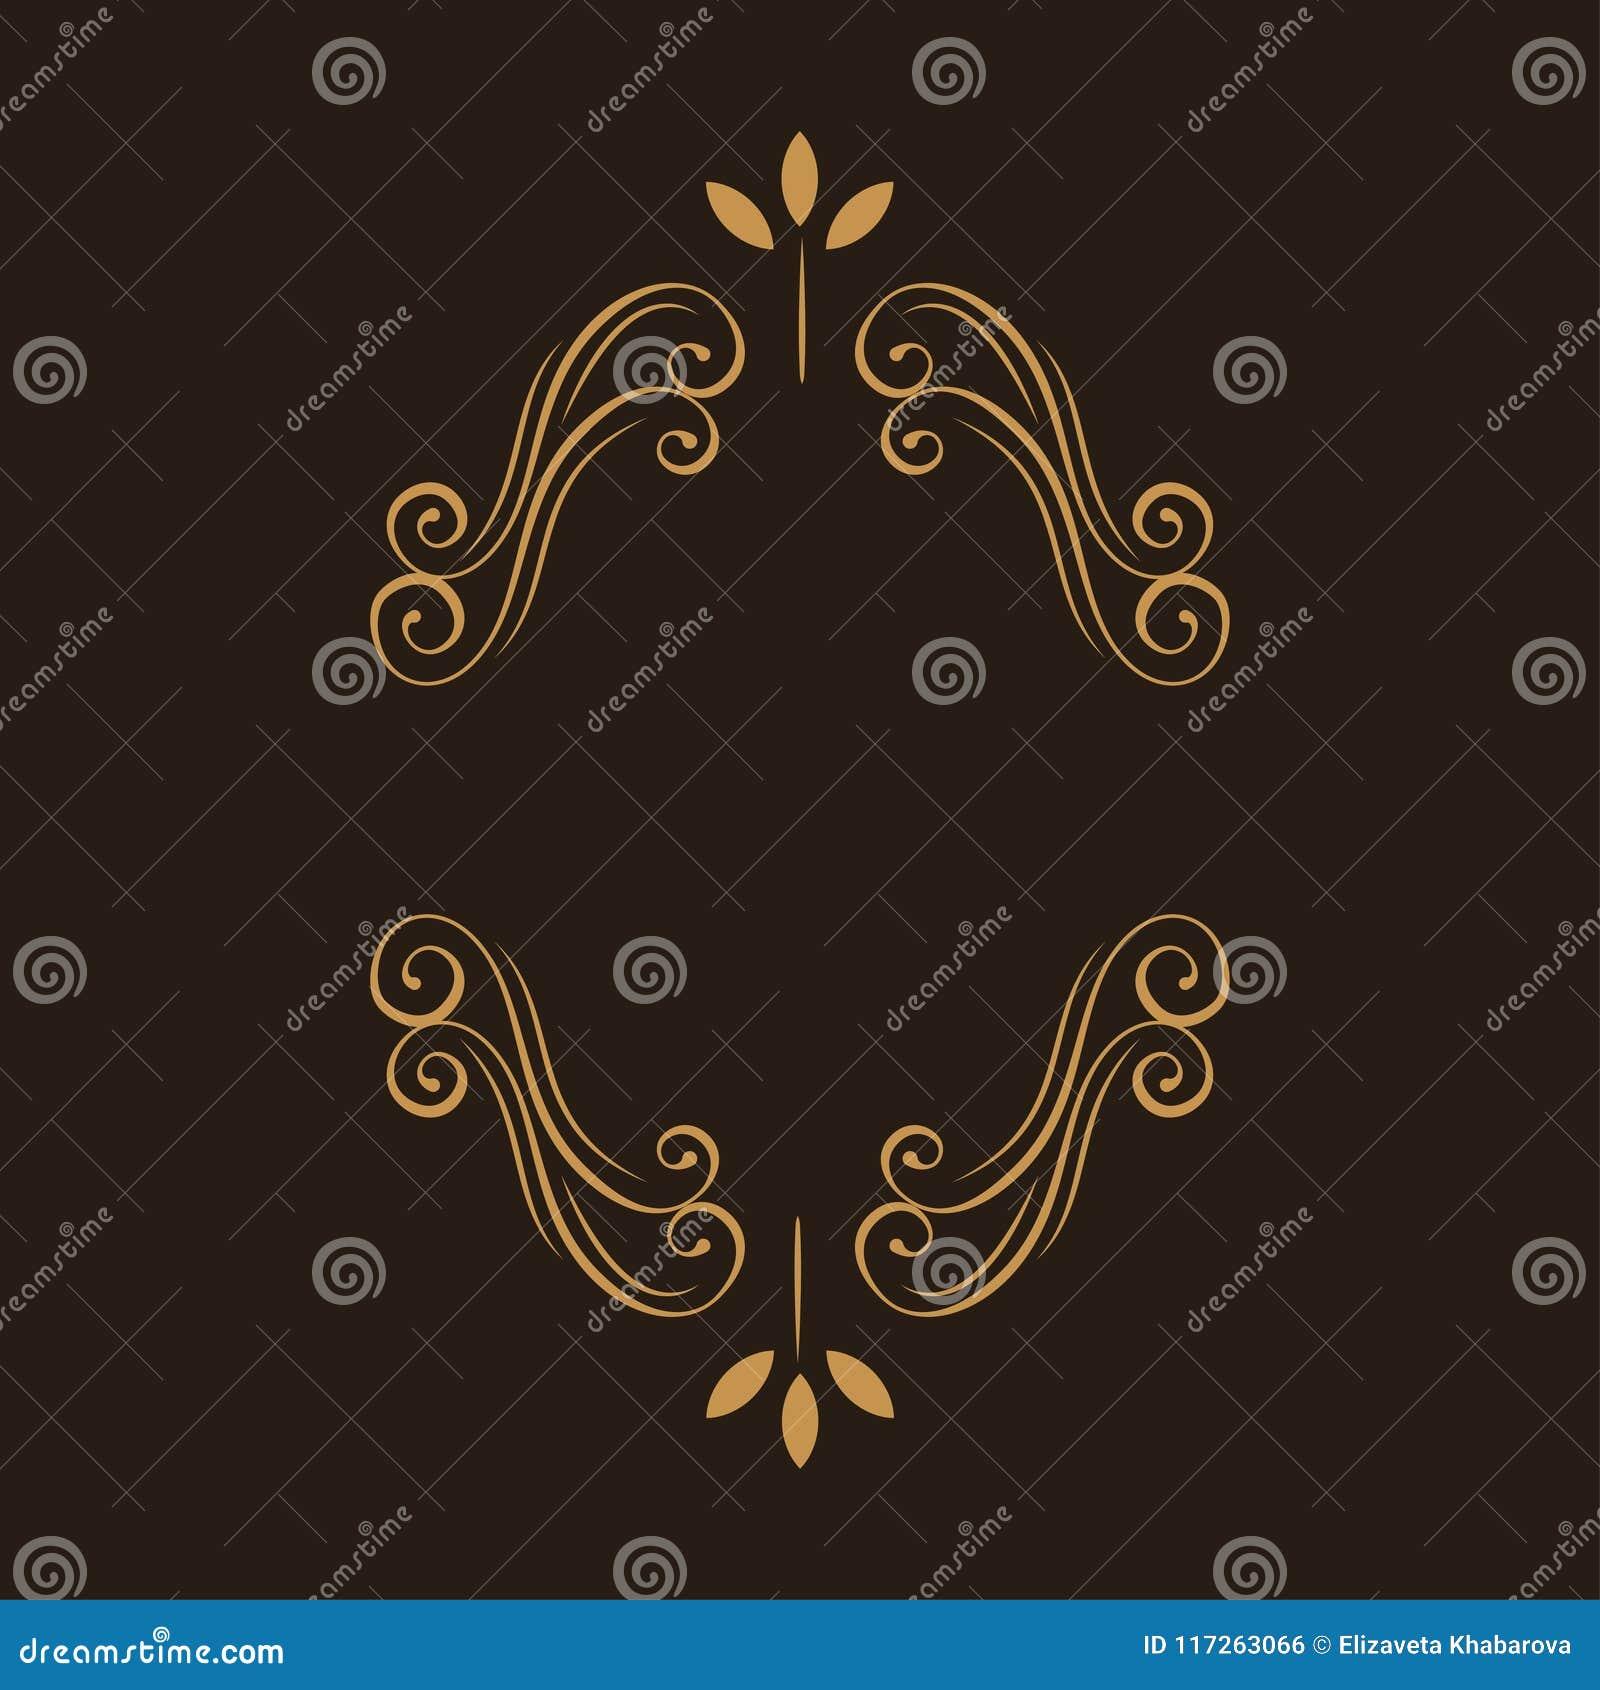 花卉框架装饰物 页装饰 漩涡,华丽纸卷设计元素 看板卡问候邀请婚礼 向量